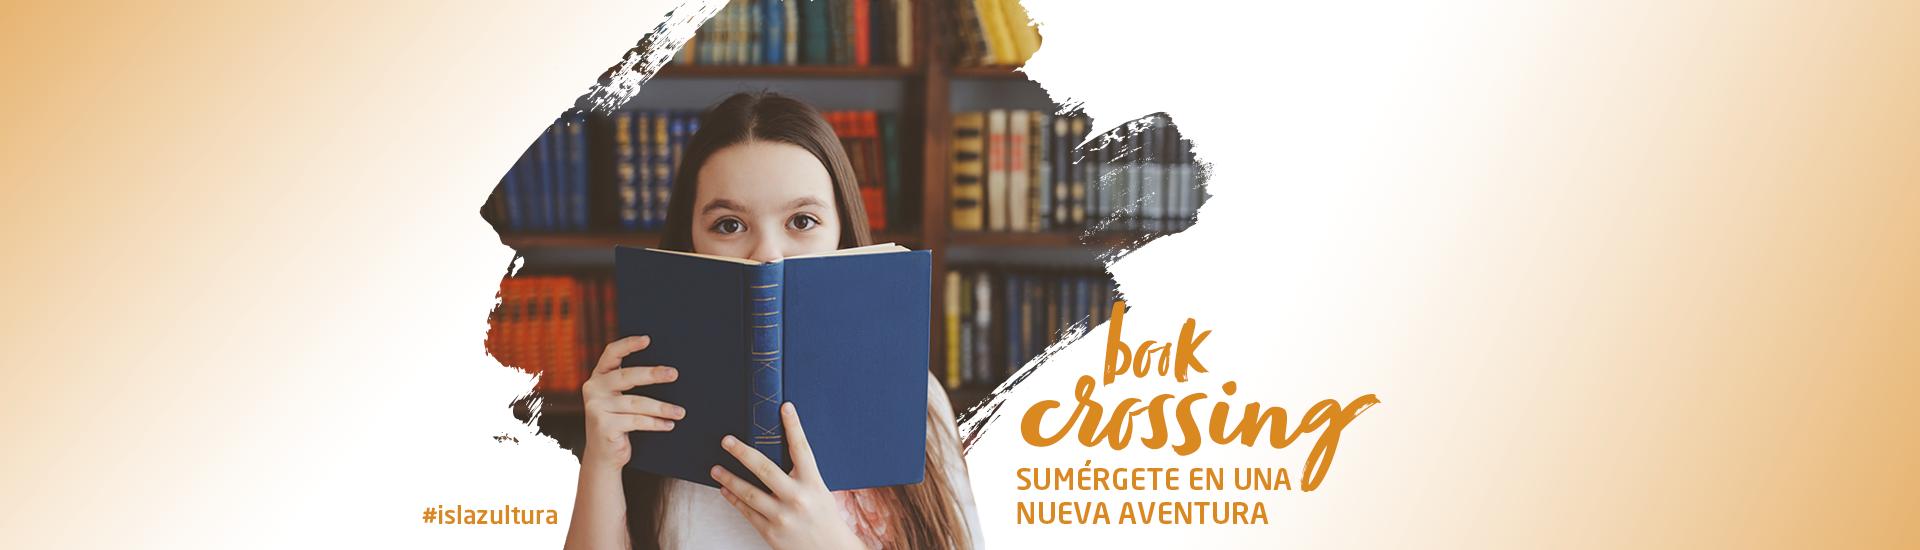 Slide book crossing_v4 (1)